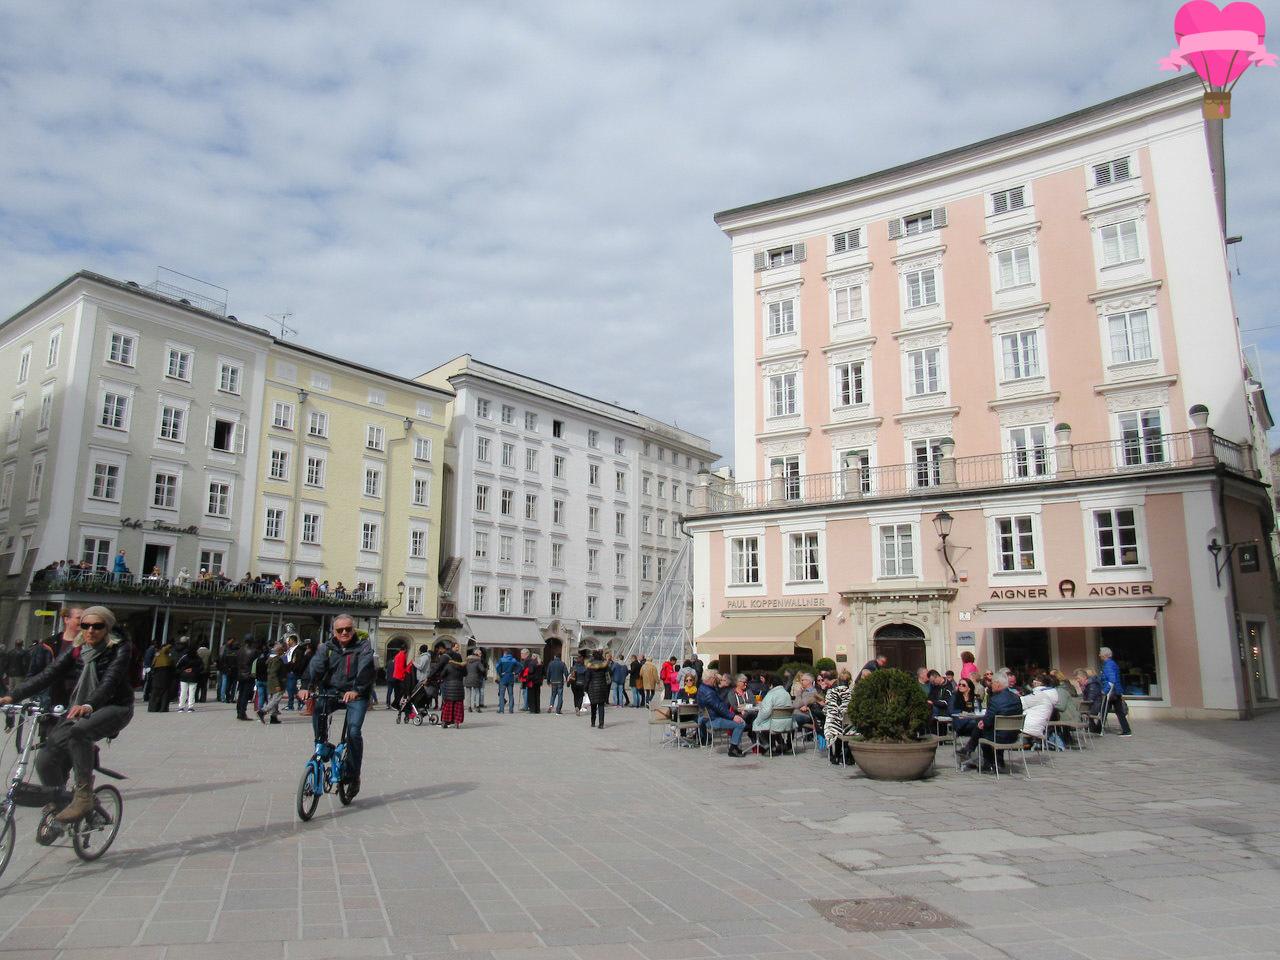 praca-kapitelplatz-salzburg